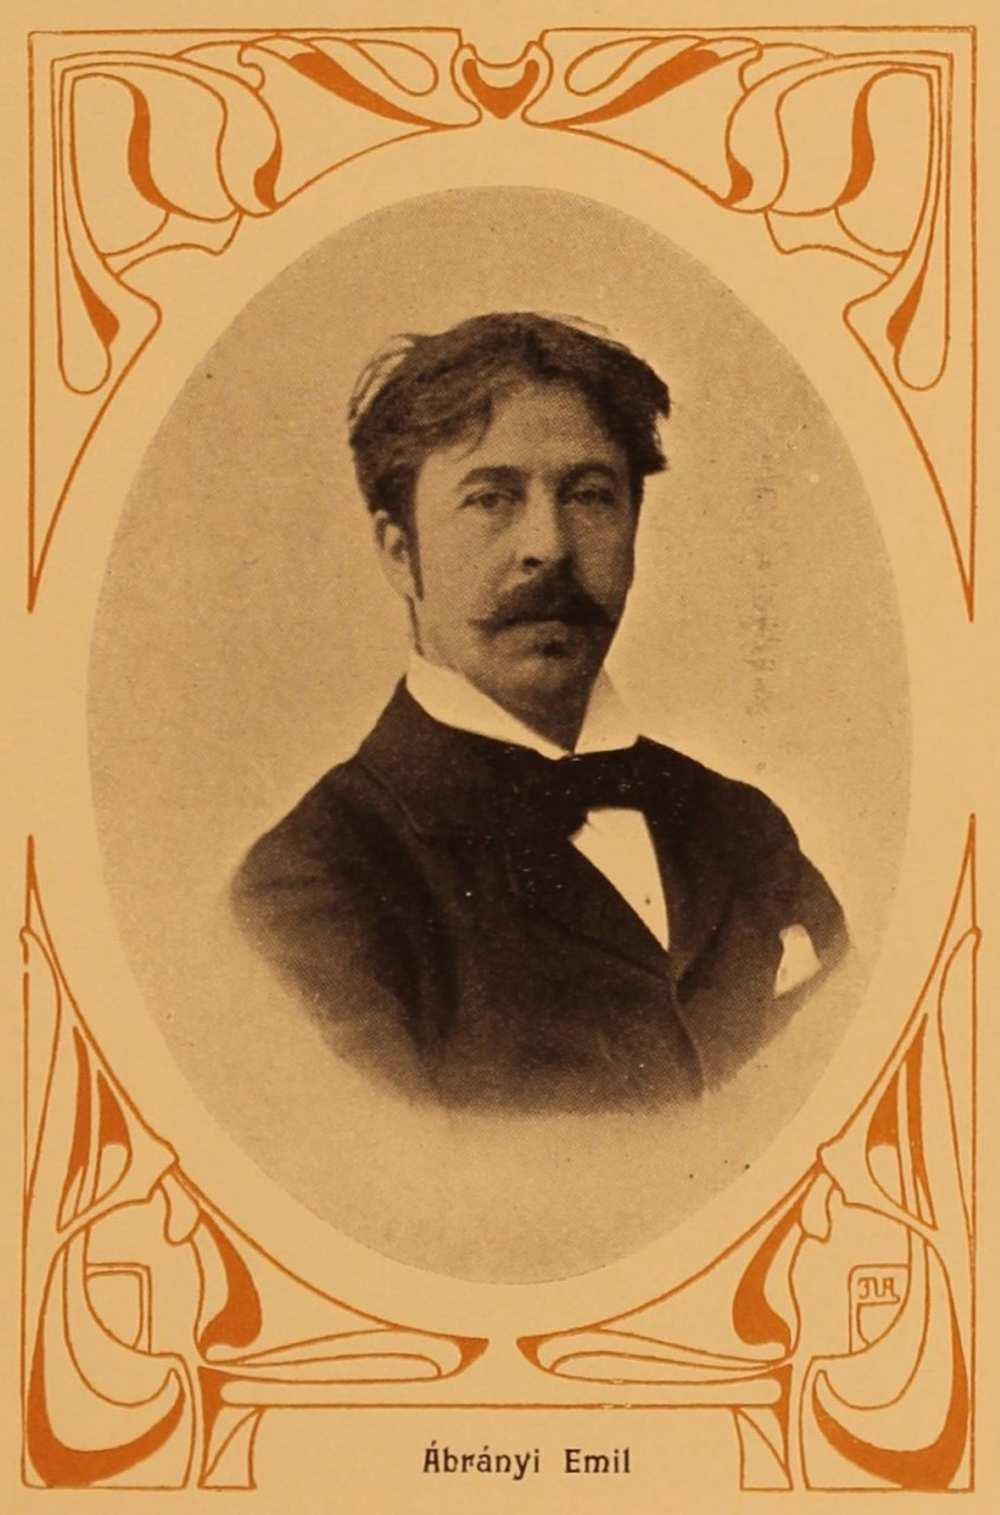 Ábrányi Emil (1861–1920) portréja. A költő édesapja, id. Ábrányi Kornél, az első magyar zenei szakfolyóirat, a Zenészeti Lapok alapító-főszerkesztője, a Zeneakadémia öt első tanárának egyike volt.